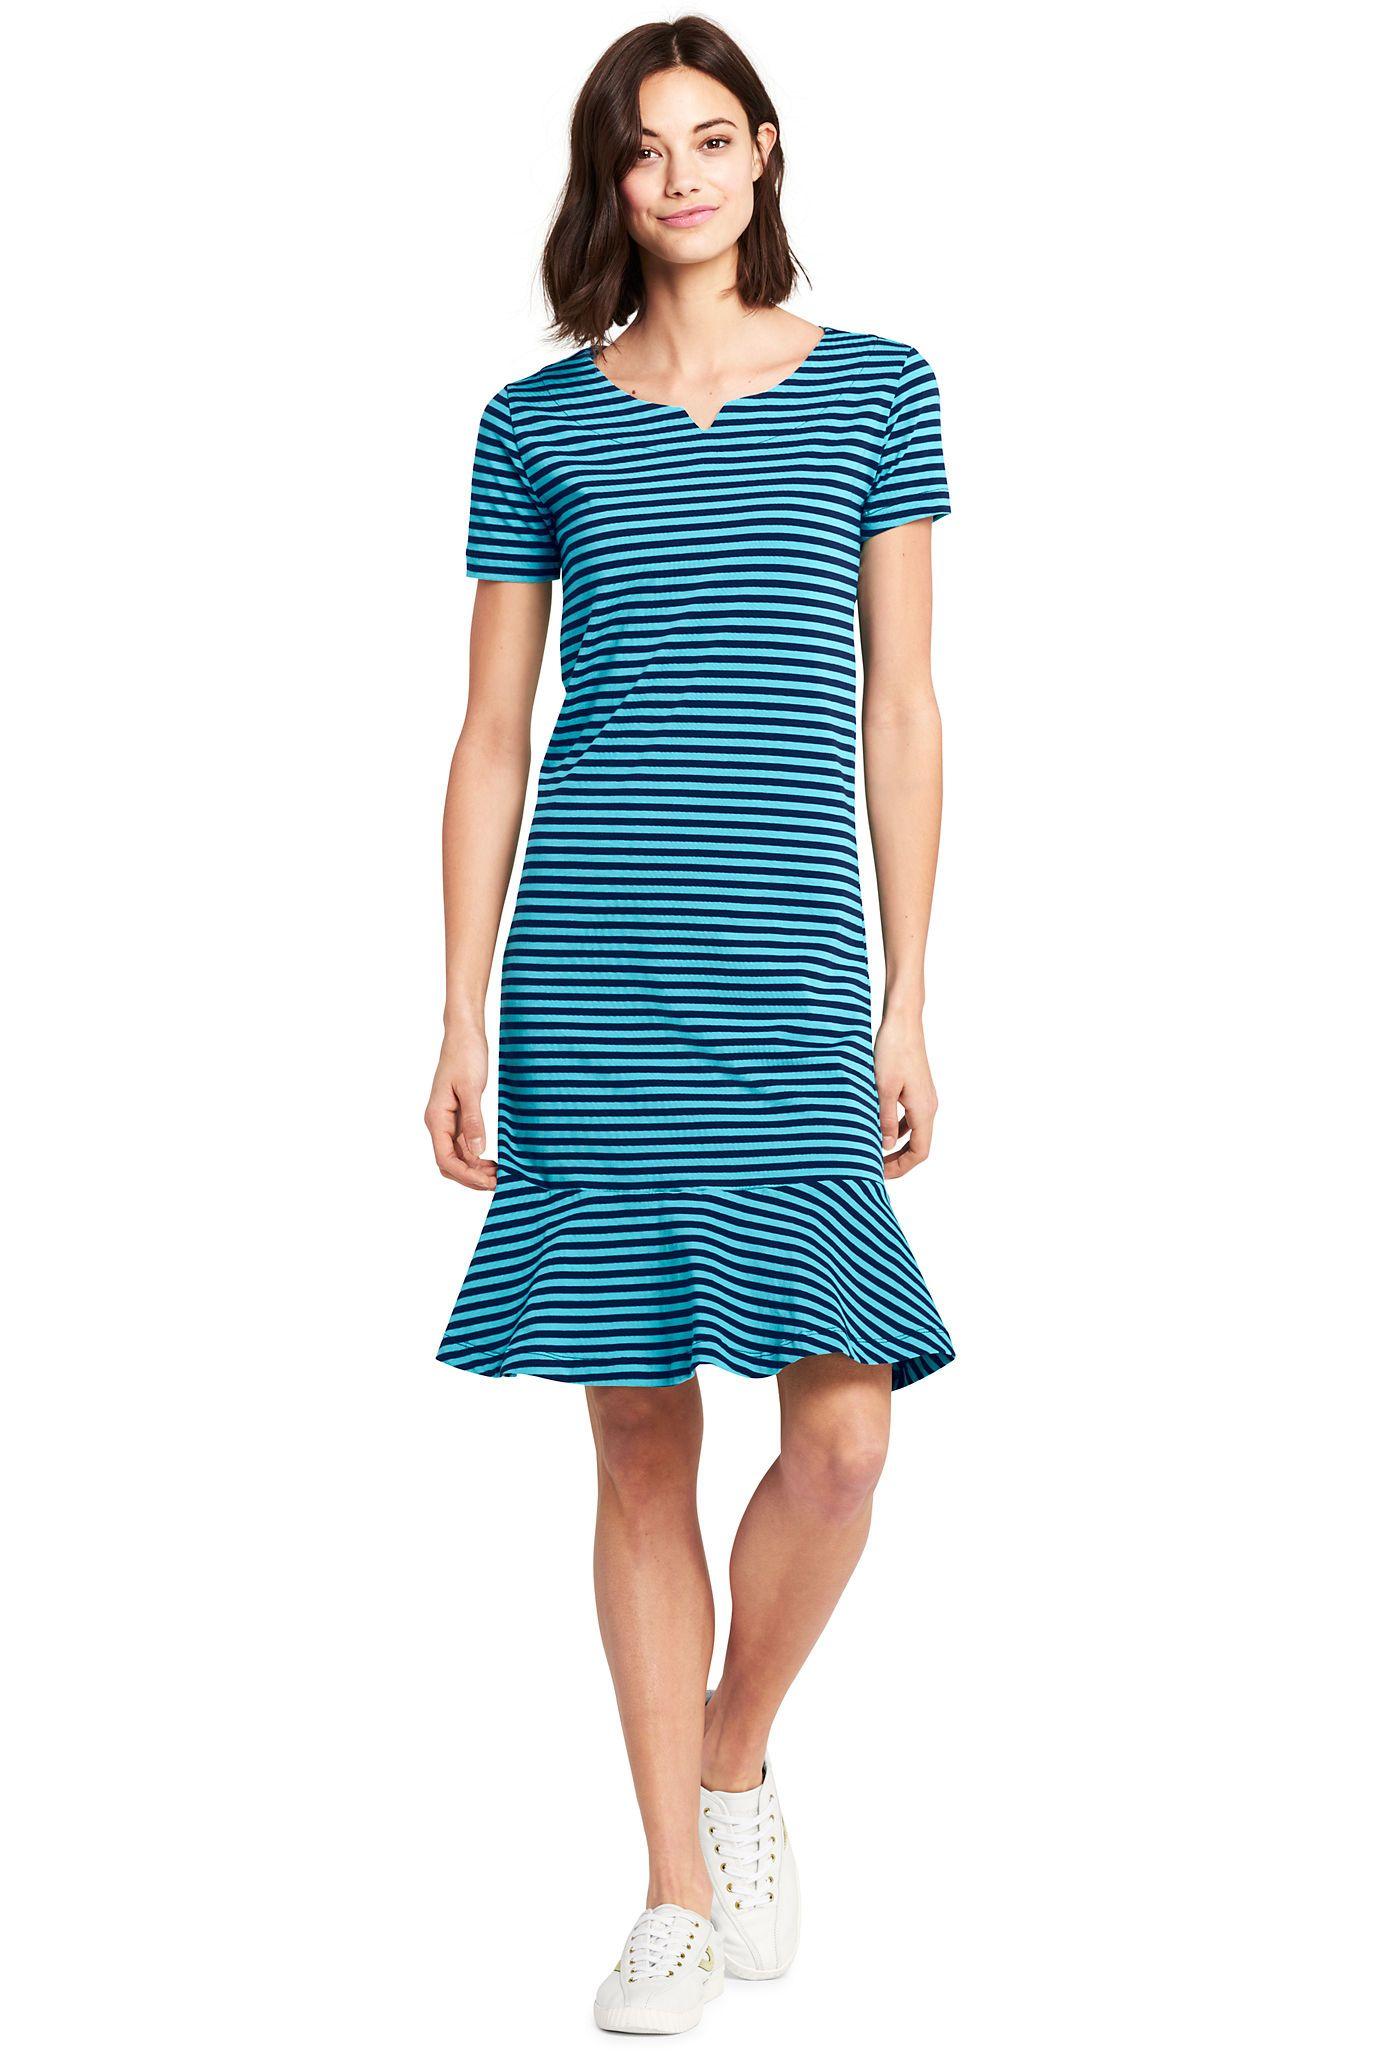 9e29a72114de Women's Short Sleeve Stripe Ruffle Hem Tee Shirt Dress | Wear ...